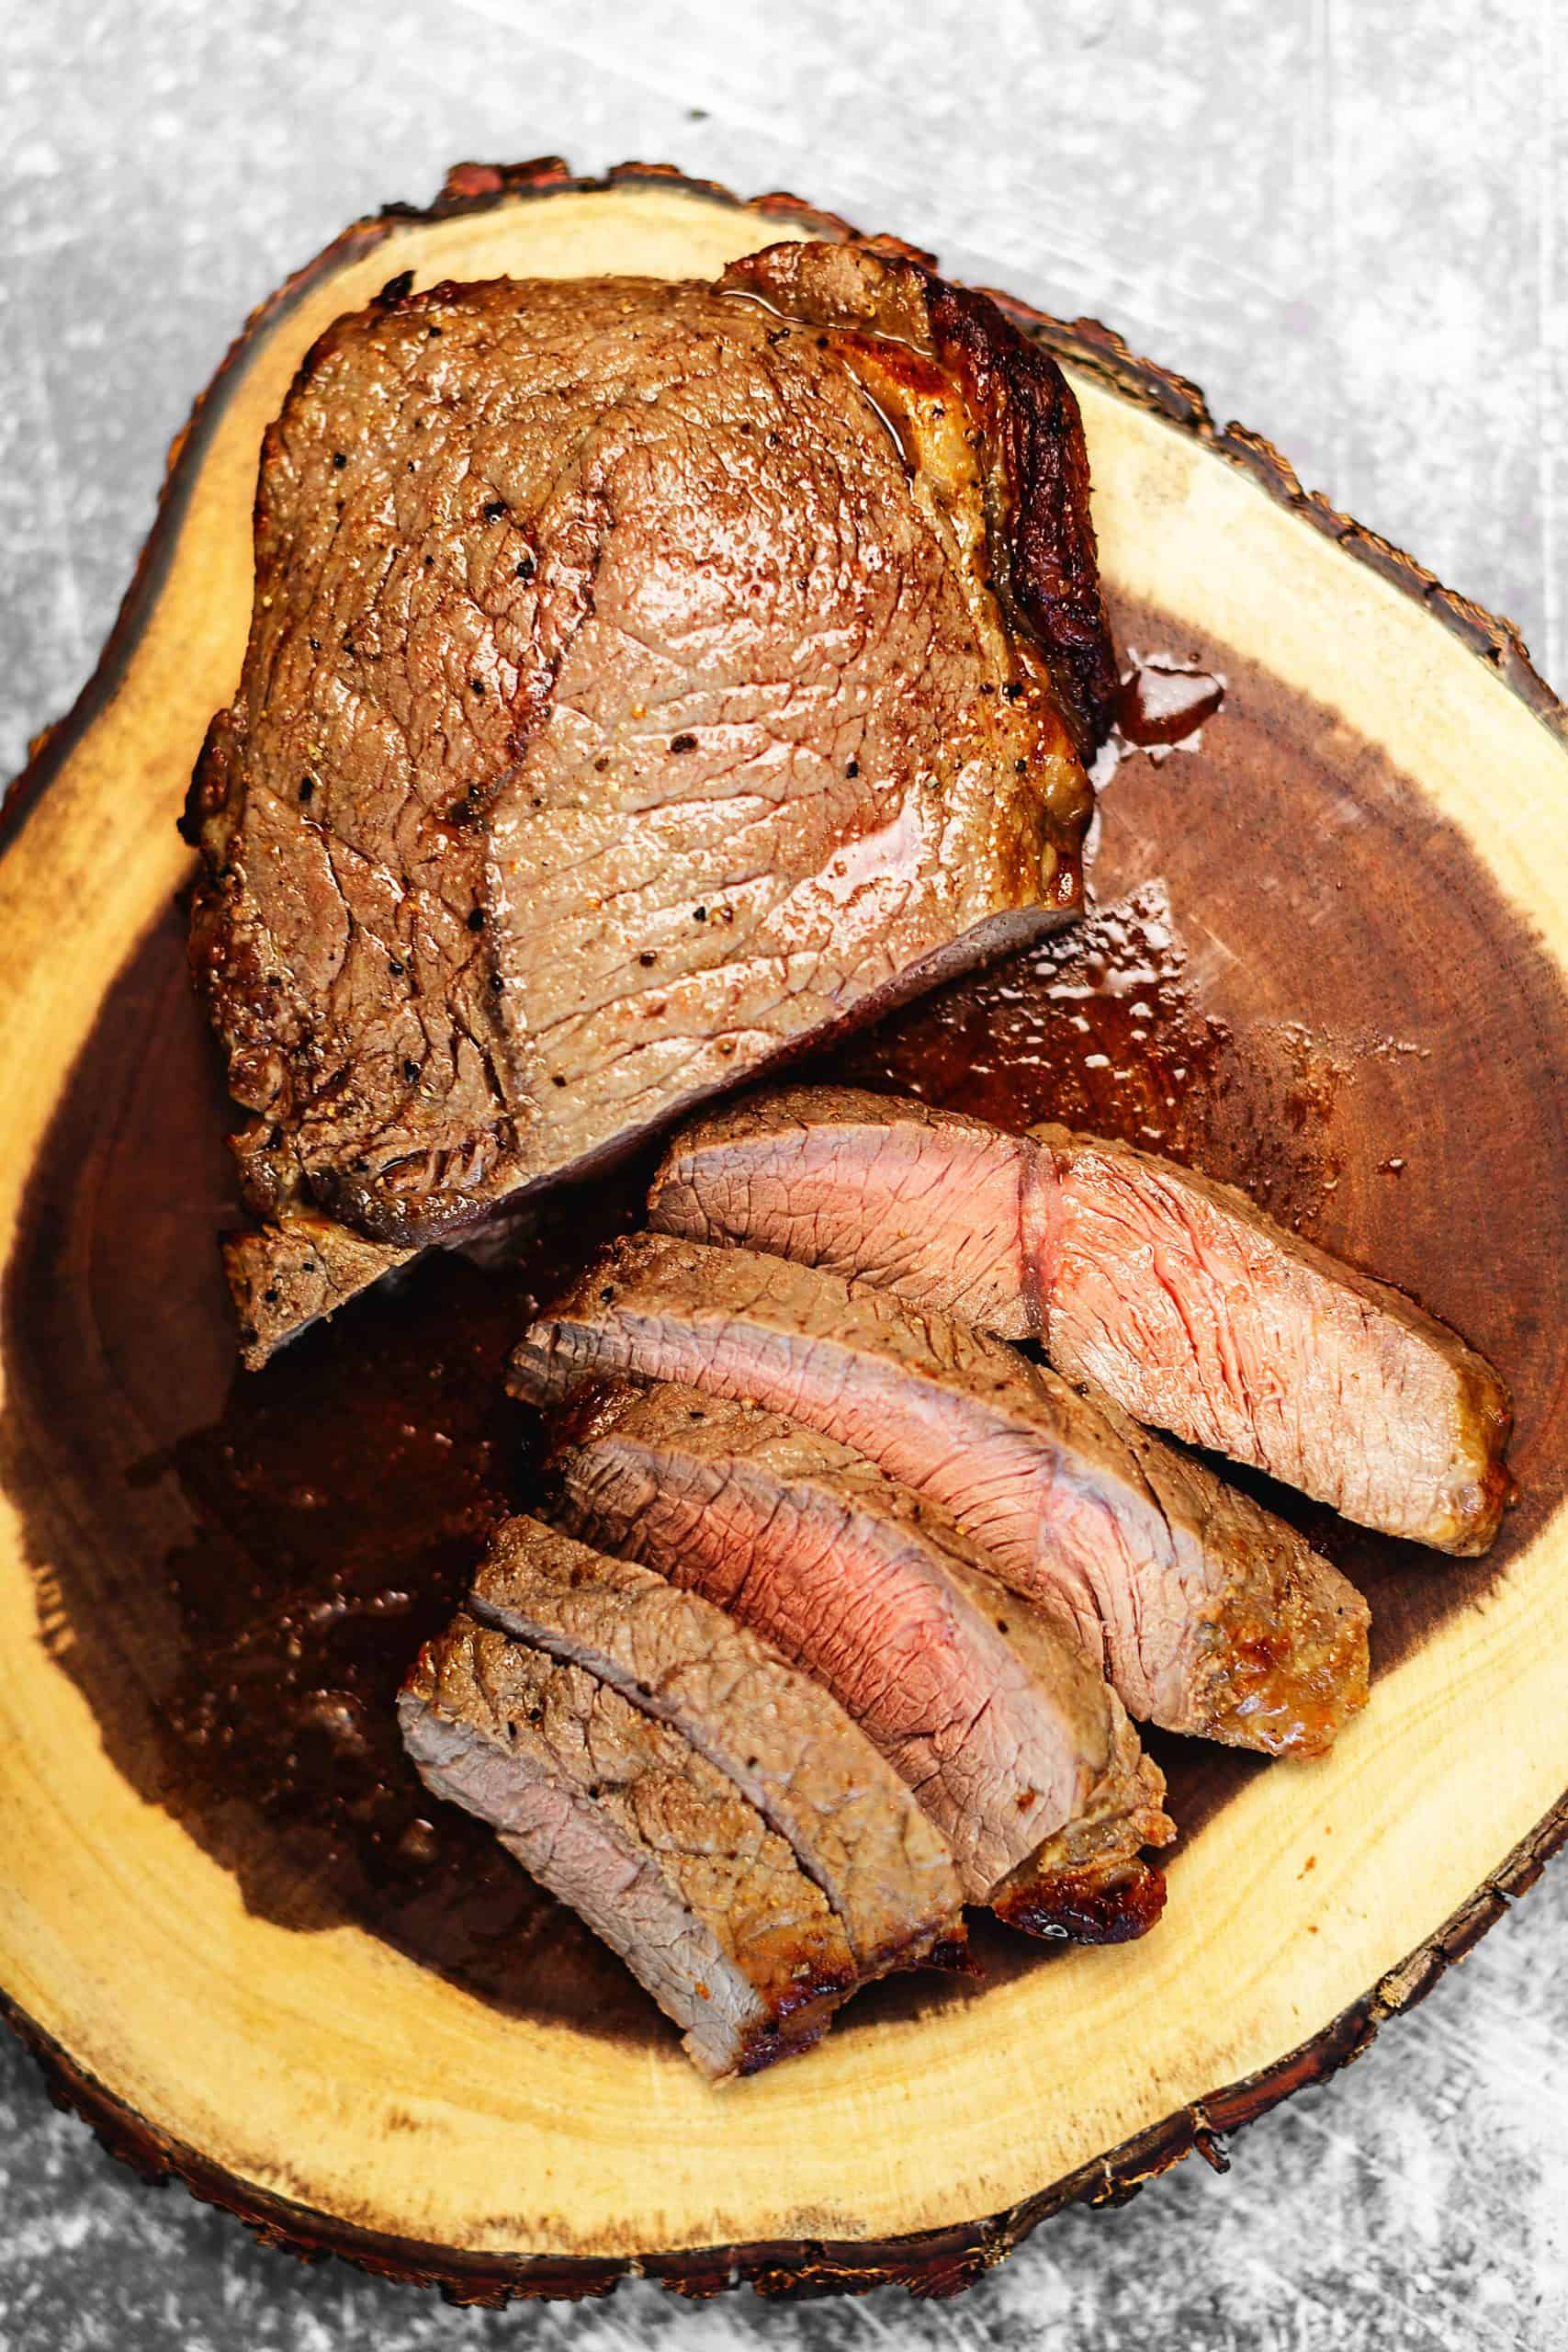 air fryer steak on a wood cutting board